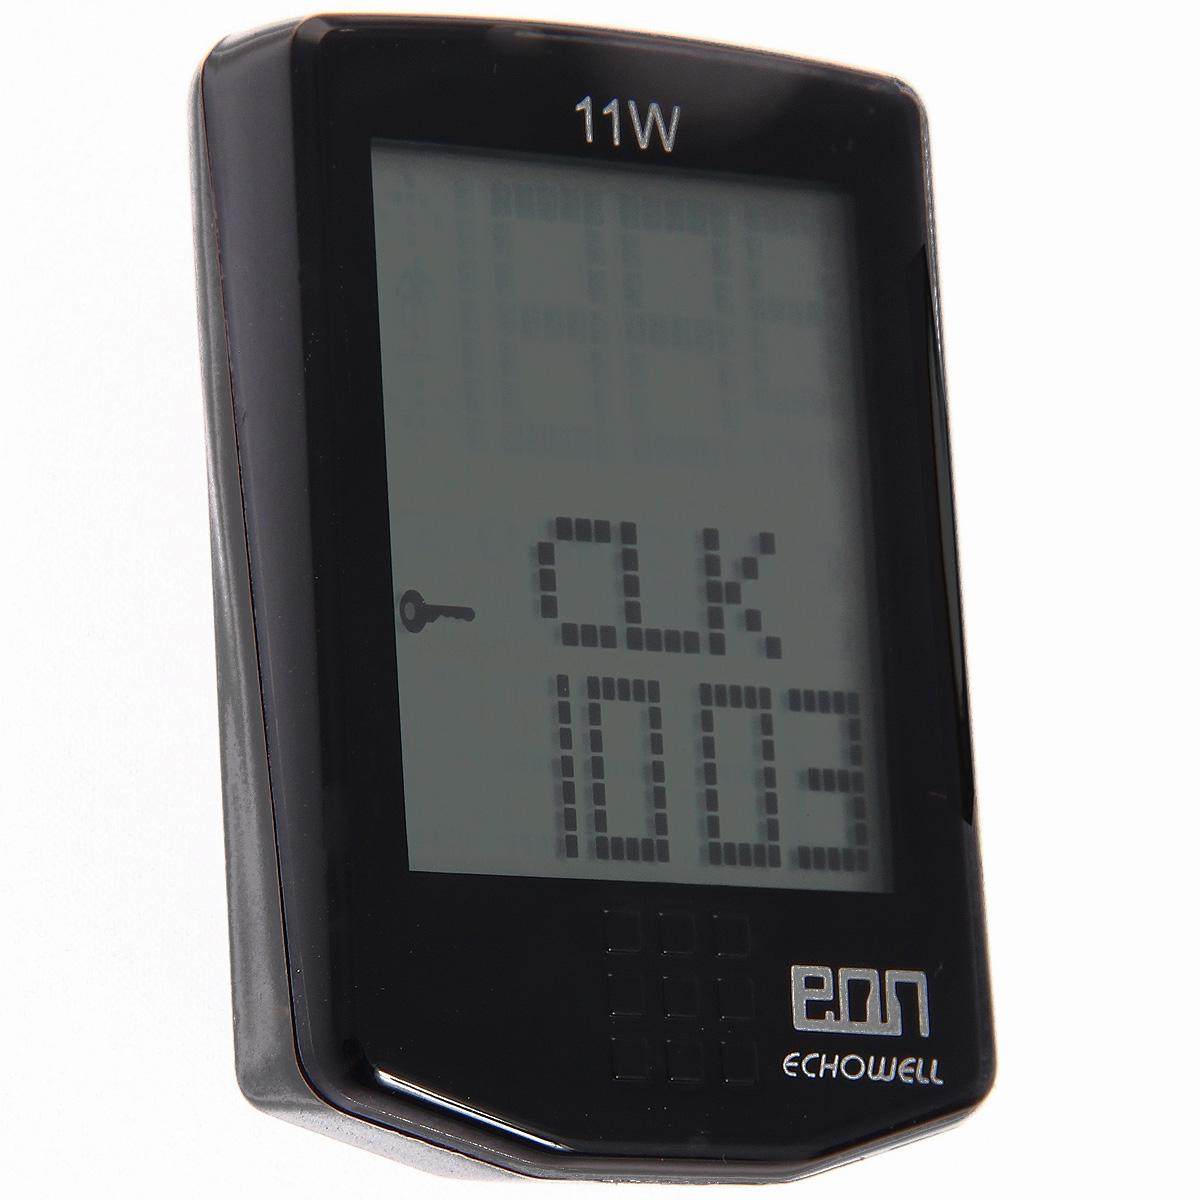 Велокомпьютер Eon-11W, 11 функций, цвет: черный4712593200564Беспроводной велокомпьютер Eon-11W с одиннадцатью функциями в стильном корпусе предназначен для использования при занятиях велоспортом, велотуризмом и просто катании на велосипеде. Имеет отличную водо и пылезащиту. Все операции инастройки выполняются одной сенсорной кнопкой Велокомпьютер определяет скоростьс точностью до десятых долей, дистанцию - с точностью до 10 метров. Расстояние может измеряться в километрах или милях по выбору. На дисплее функции поочередно сменяют друг друга. Язык - английский. Прилагается инструкция на русском и английском языках. Характеристики:Материал: пластик, металл. Размер велокомпьютера: 3 см x 5 см x 1,5 см. Размер упаковки: 12 см x 7 см x 5 см. Изготовитель: Китай.